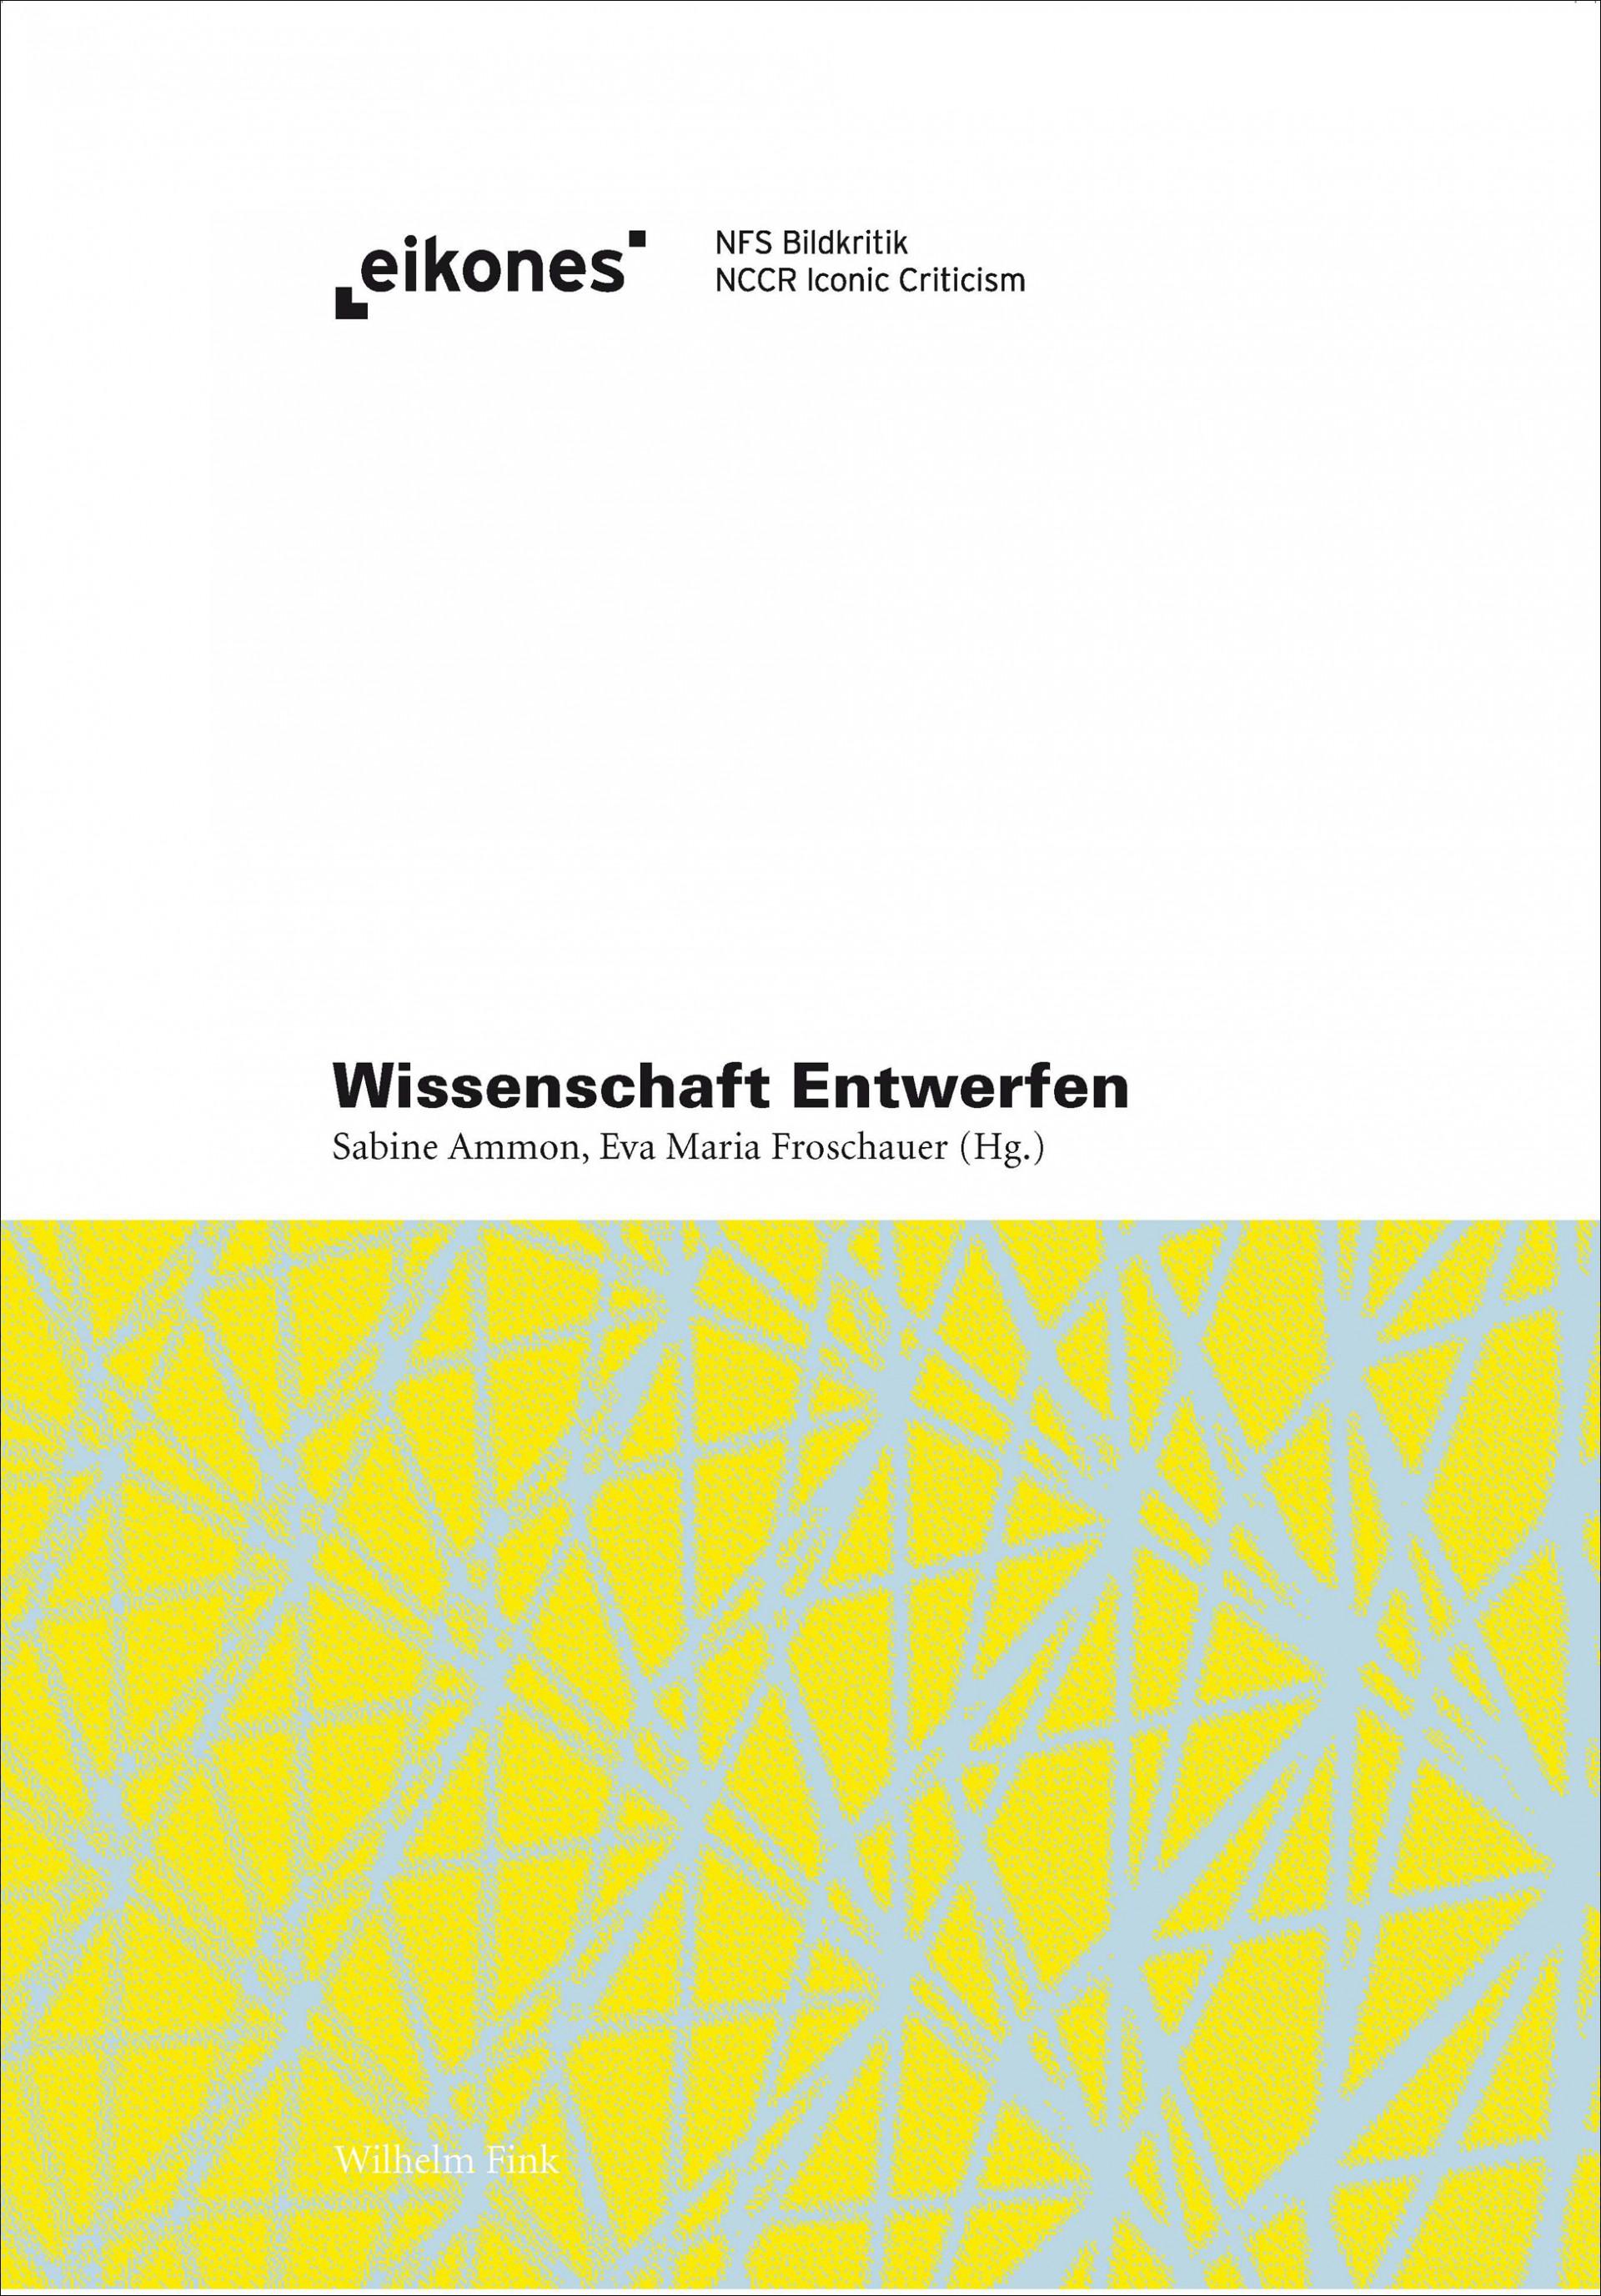 Netzwerk Architekturwissenschaft Archiv